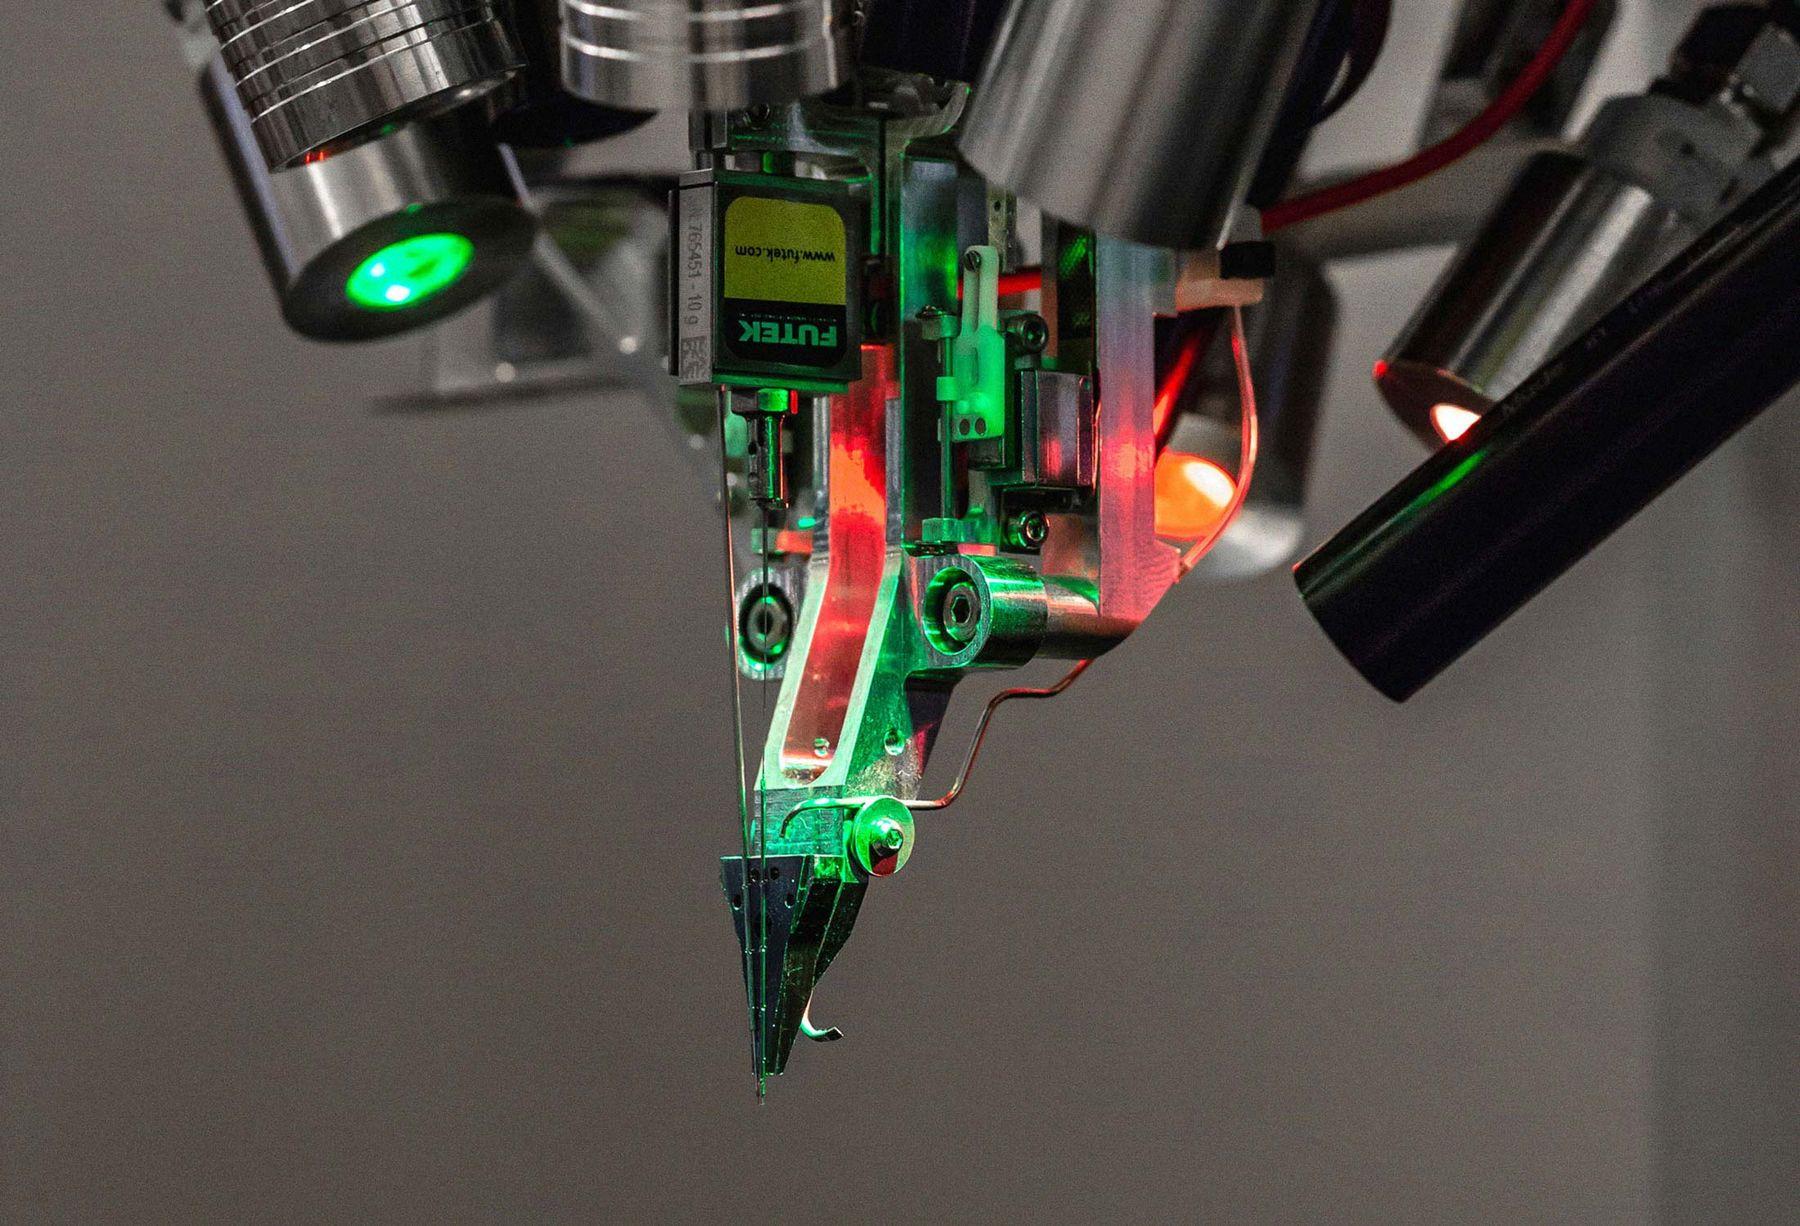 Проект Илона Маска Neuralink может начать испытания на человеке уже в следующем году